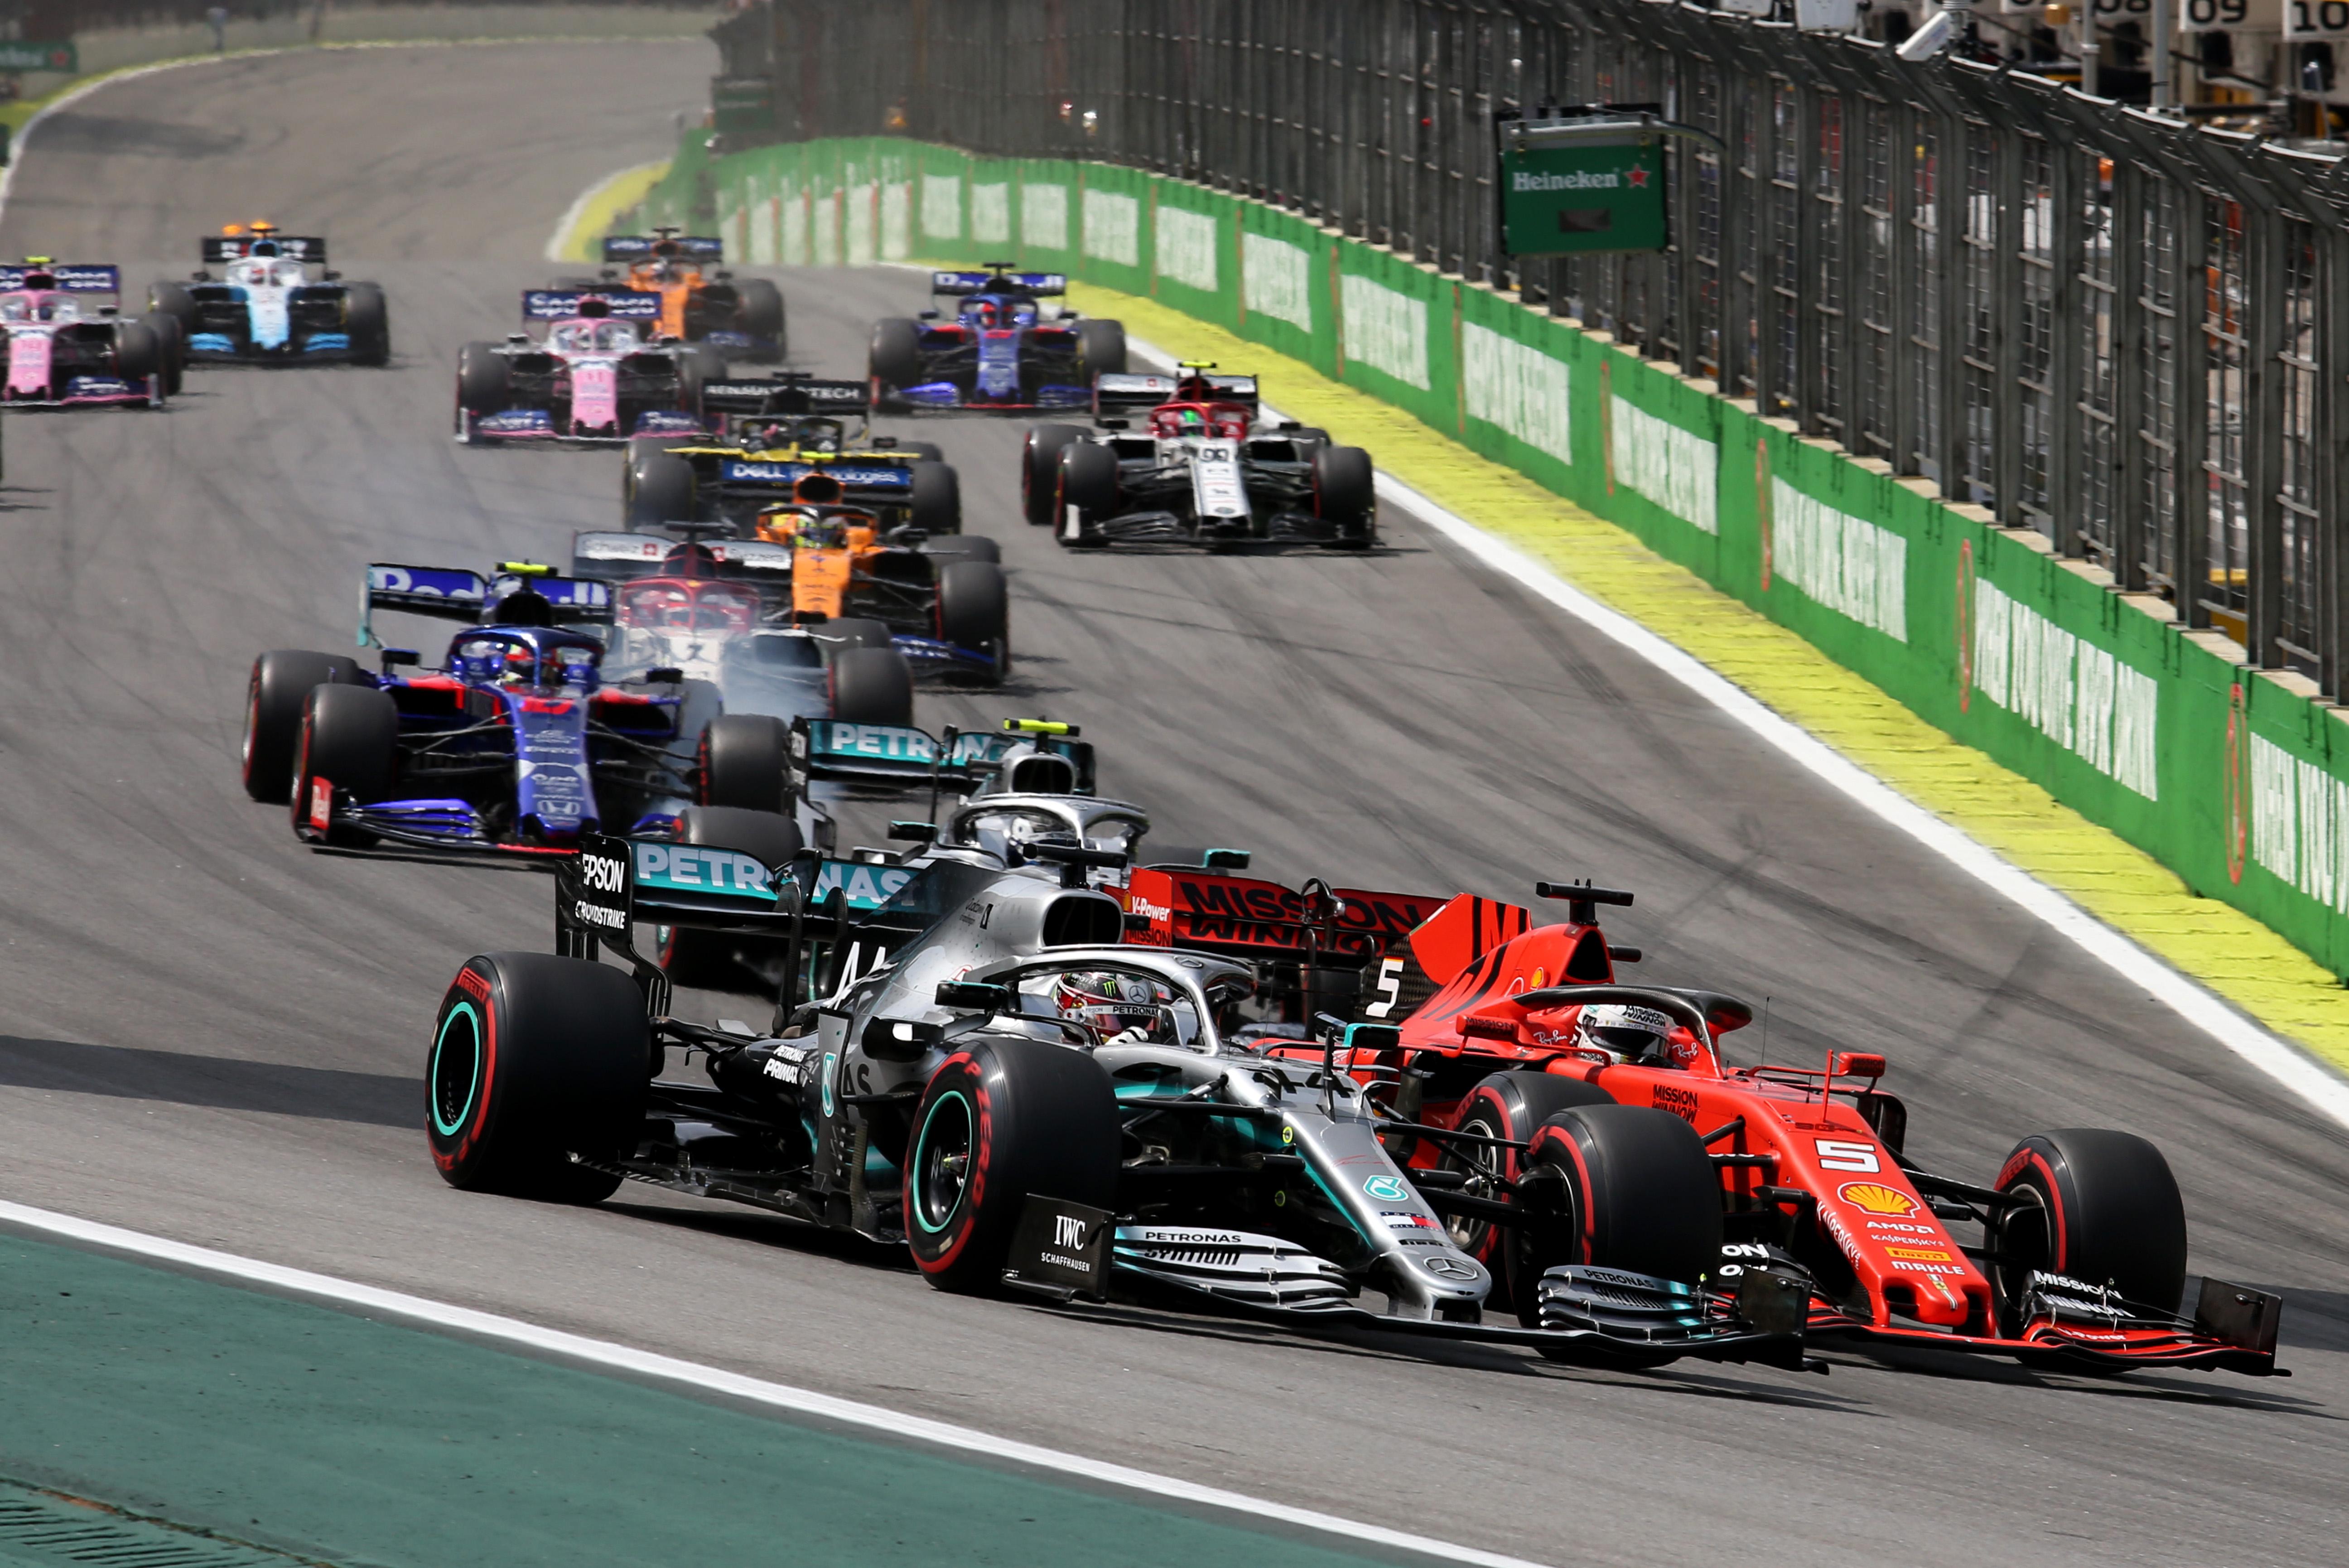 Sebastian Vettel Lewis Hamilton Mercedes Ferrari F1 2020